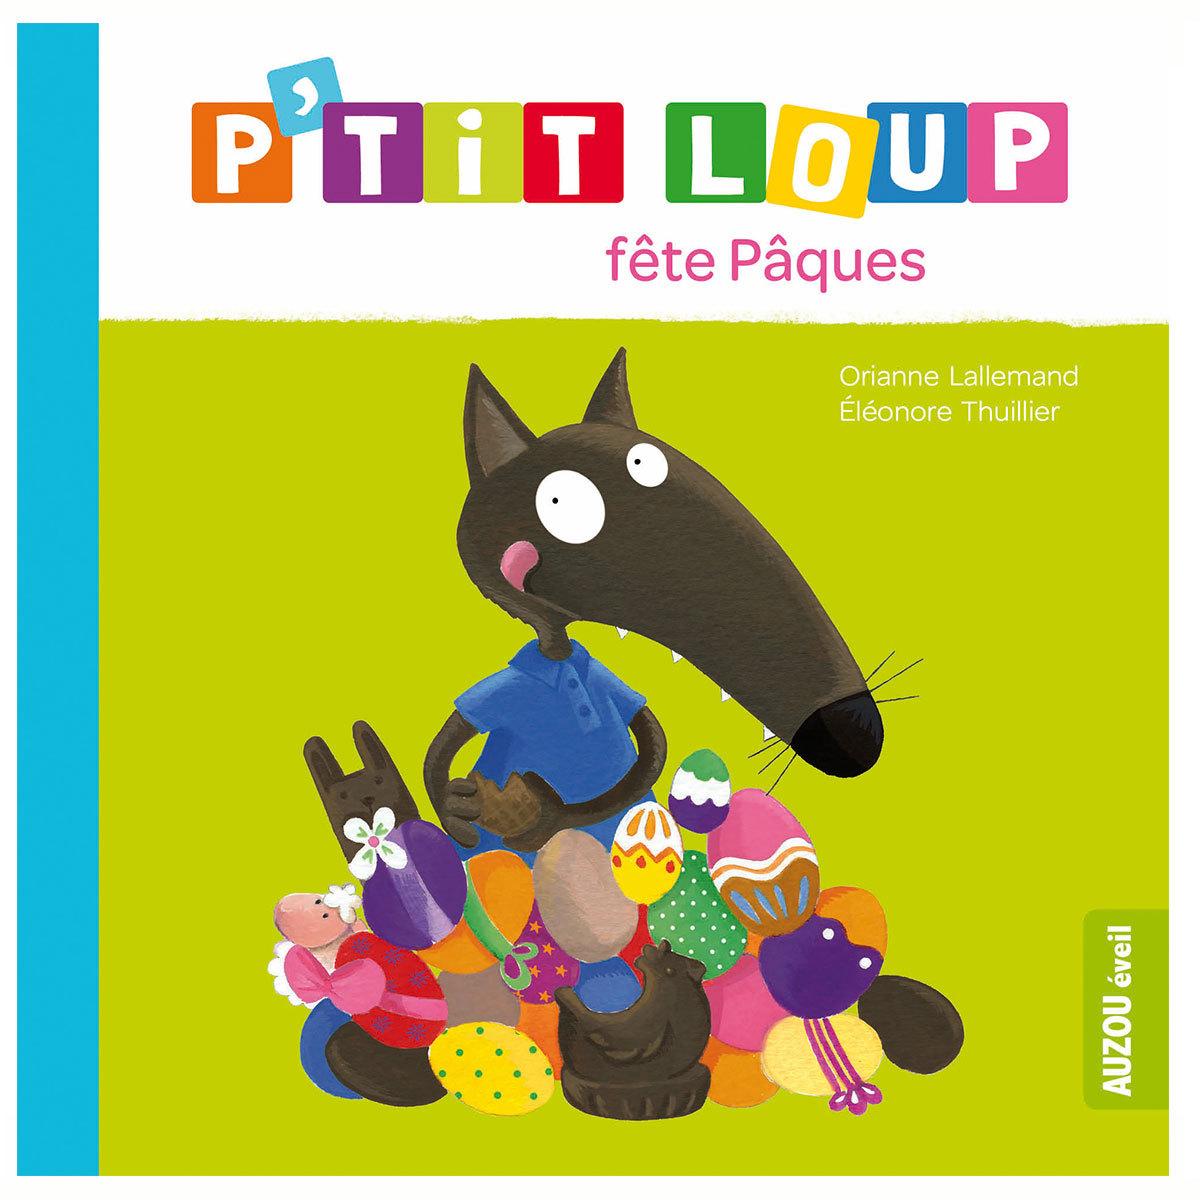 Livre & Carte P'tit Loup fête Pâques